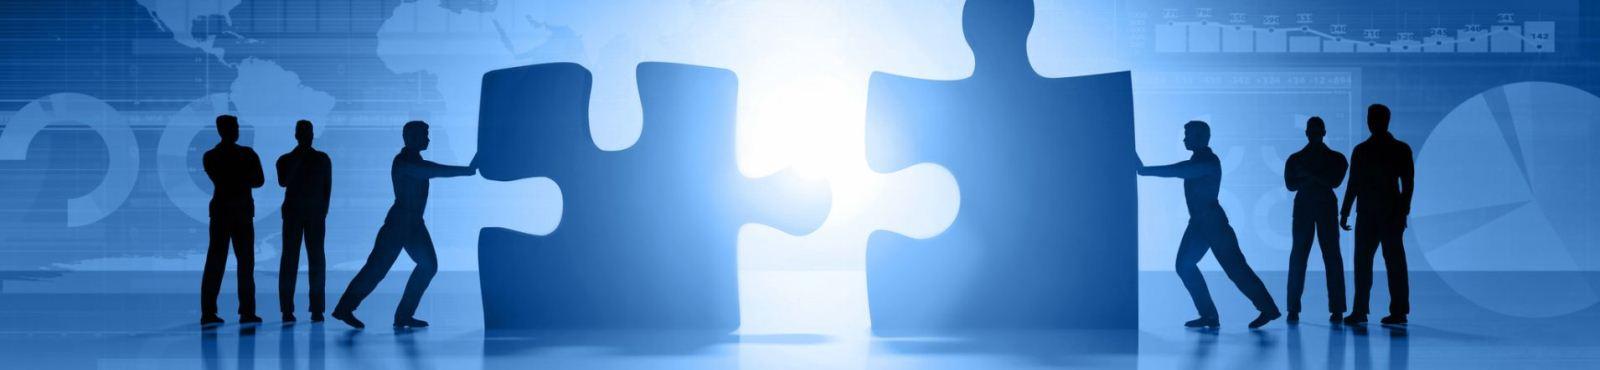 Оценка при слиянии или поглощении